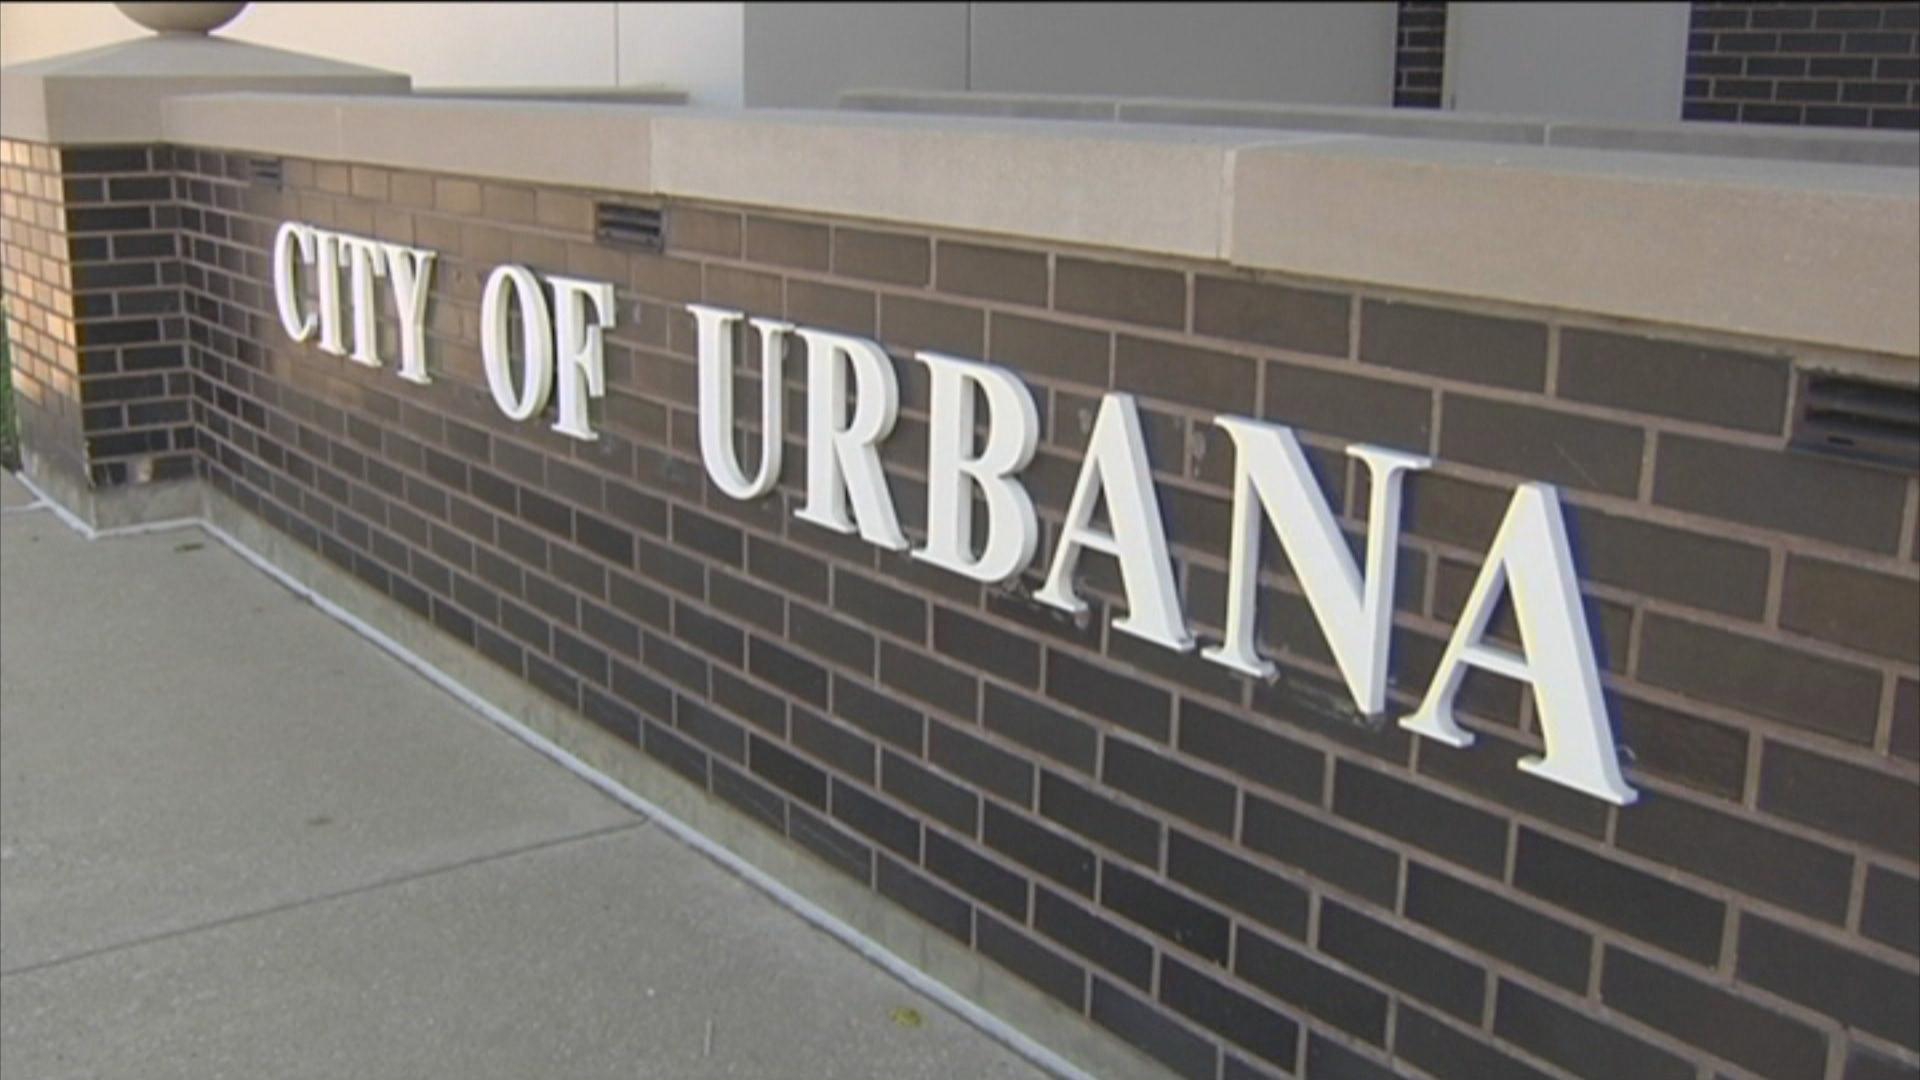 urbana (1)_1501880762845.jpg